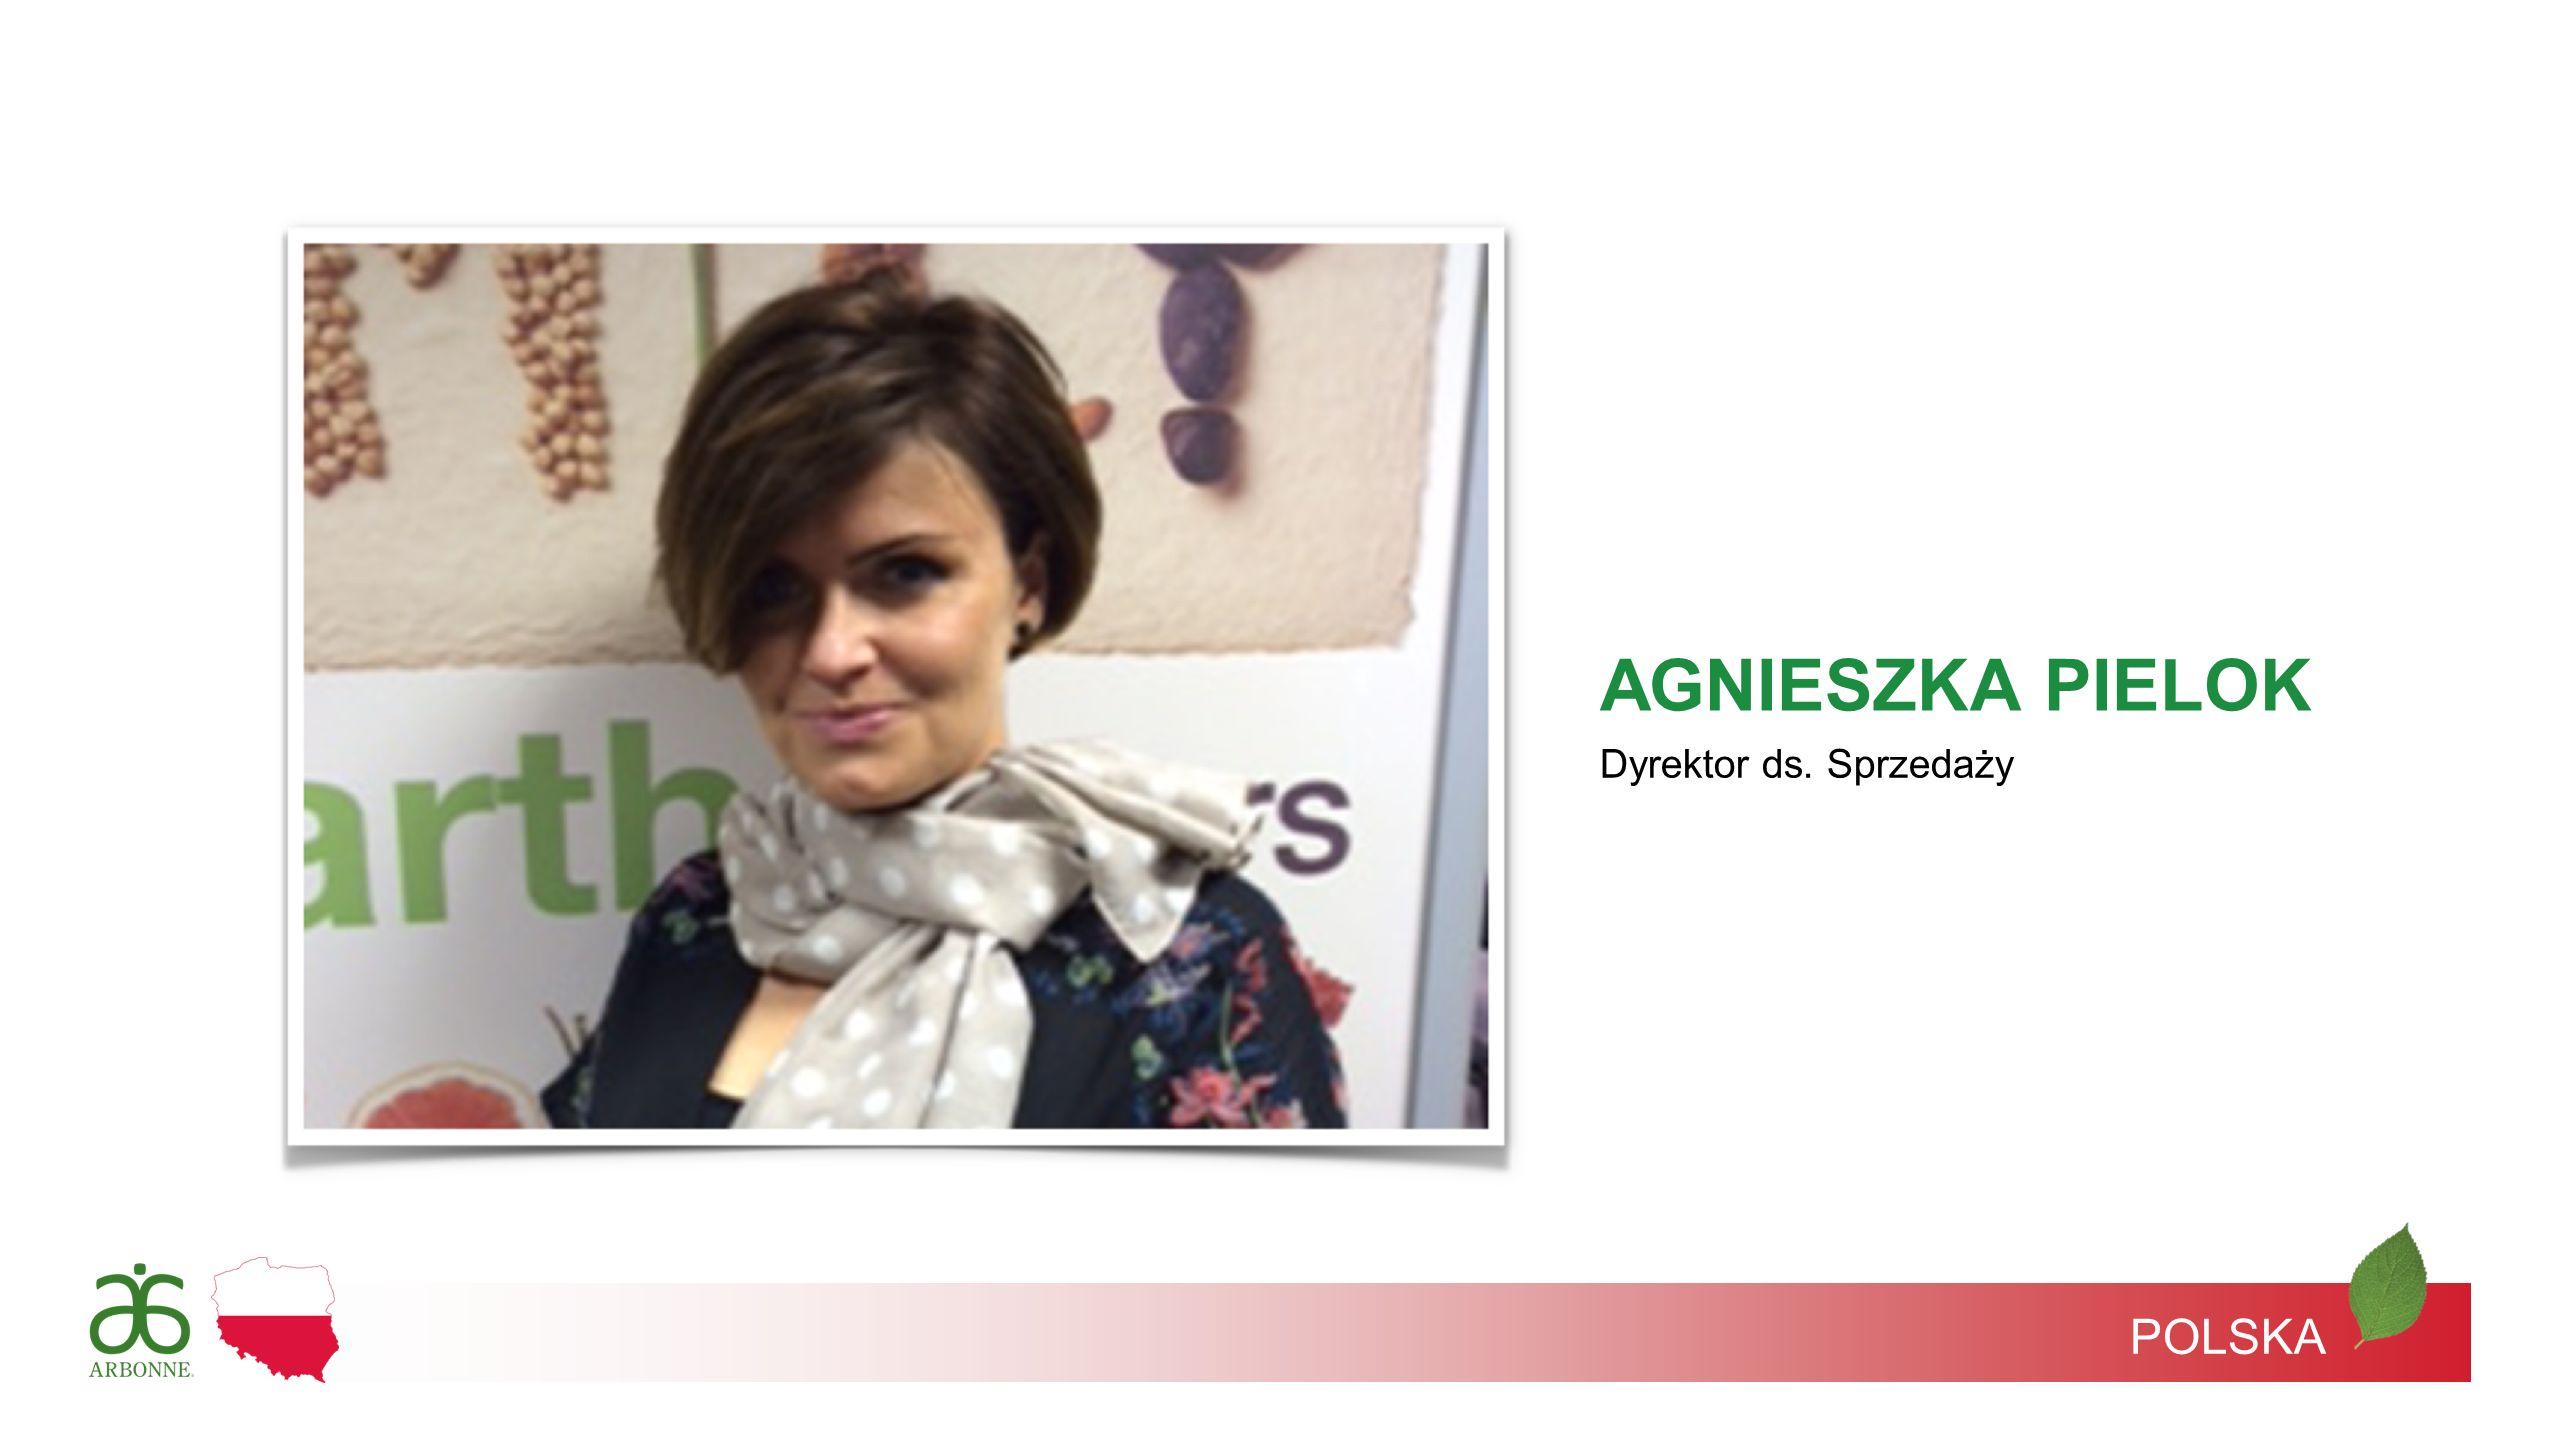 POLSKA Firma Arbonne jest zaangażowana w kwestię ekologii.